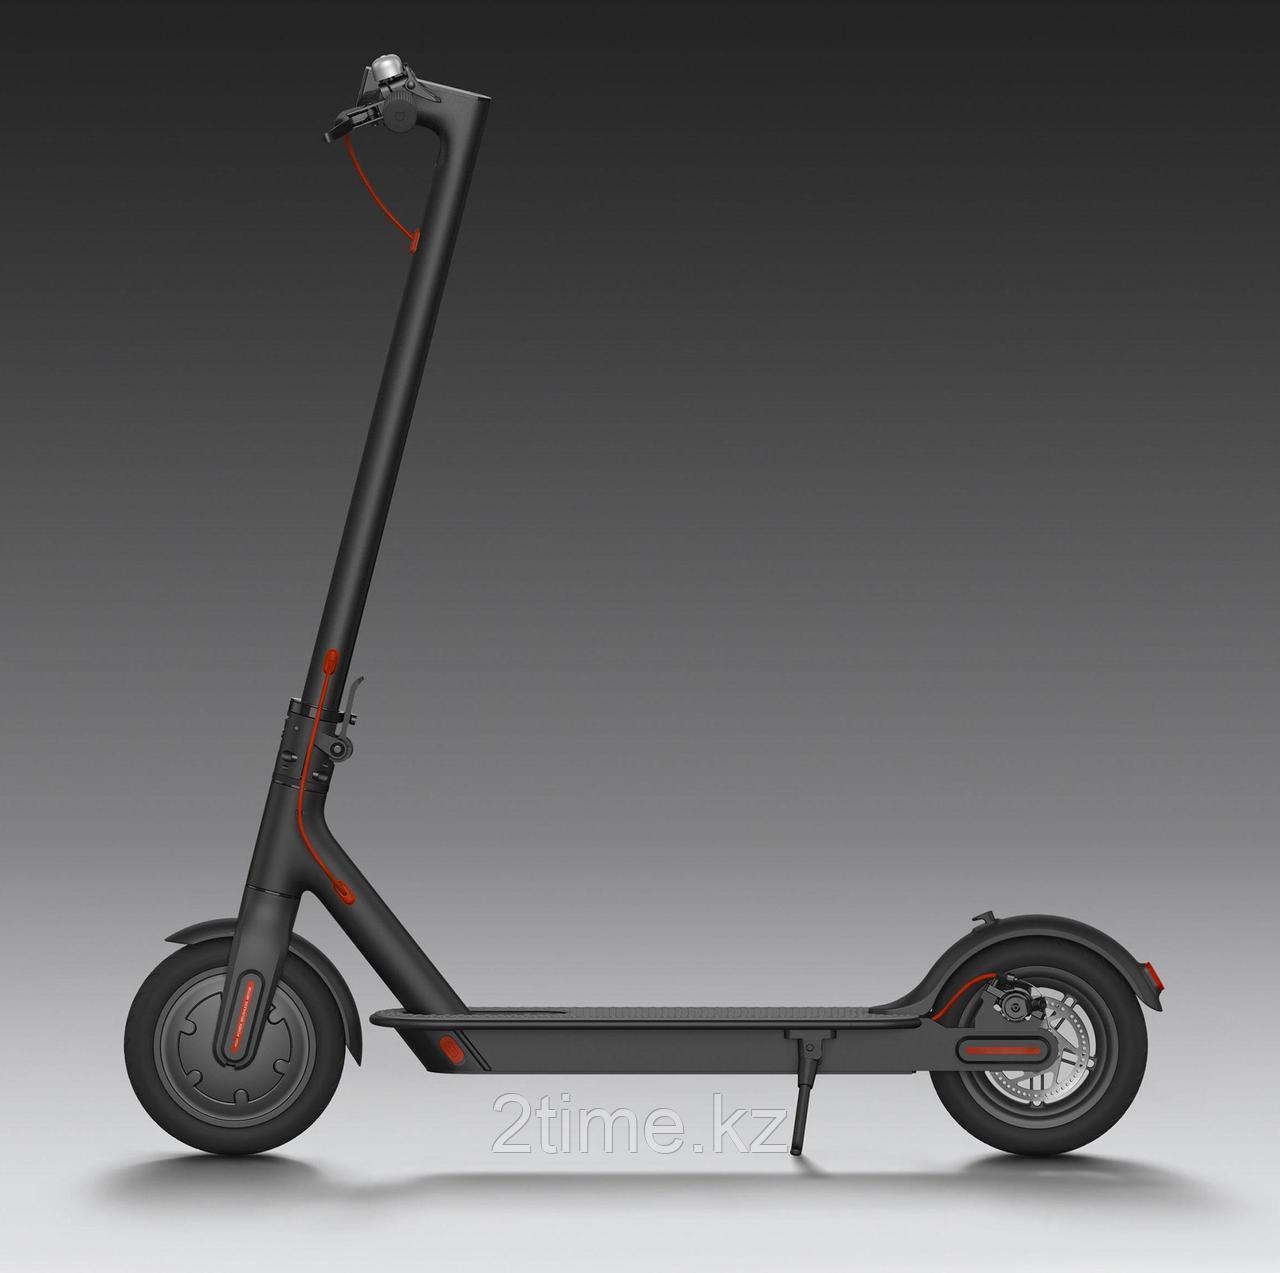 Электросамокат Xiaomi MiJia Smart Electric Scooter FBC4003GL M365 Черный - фото 1